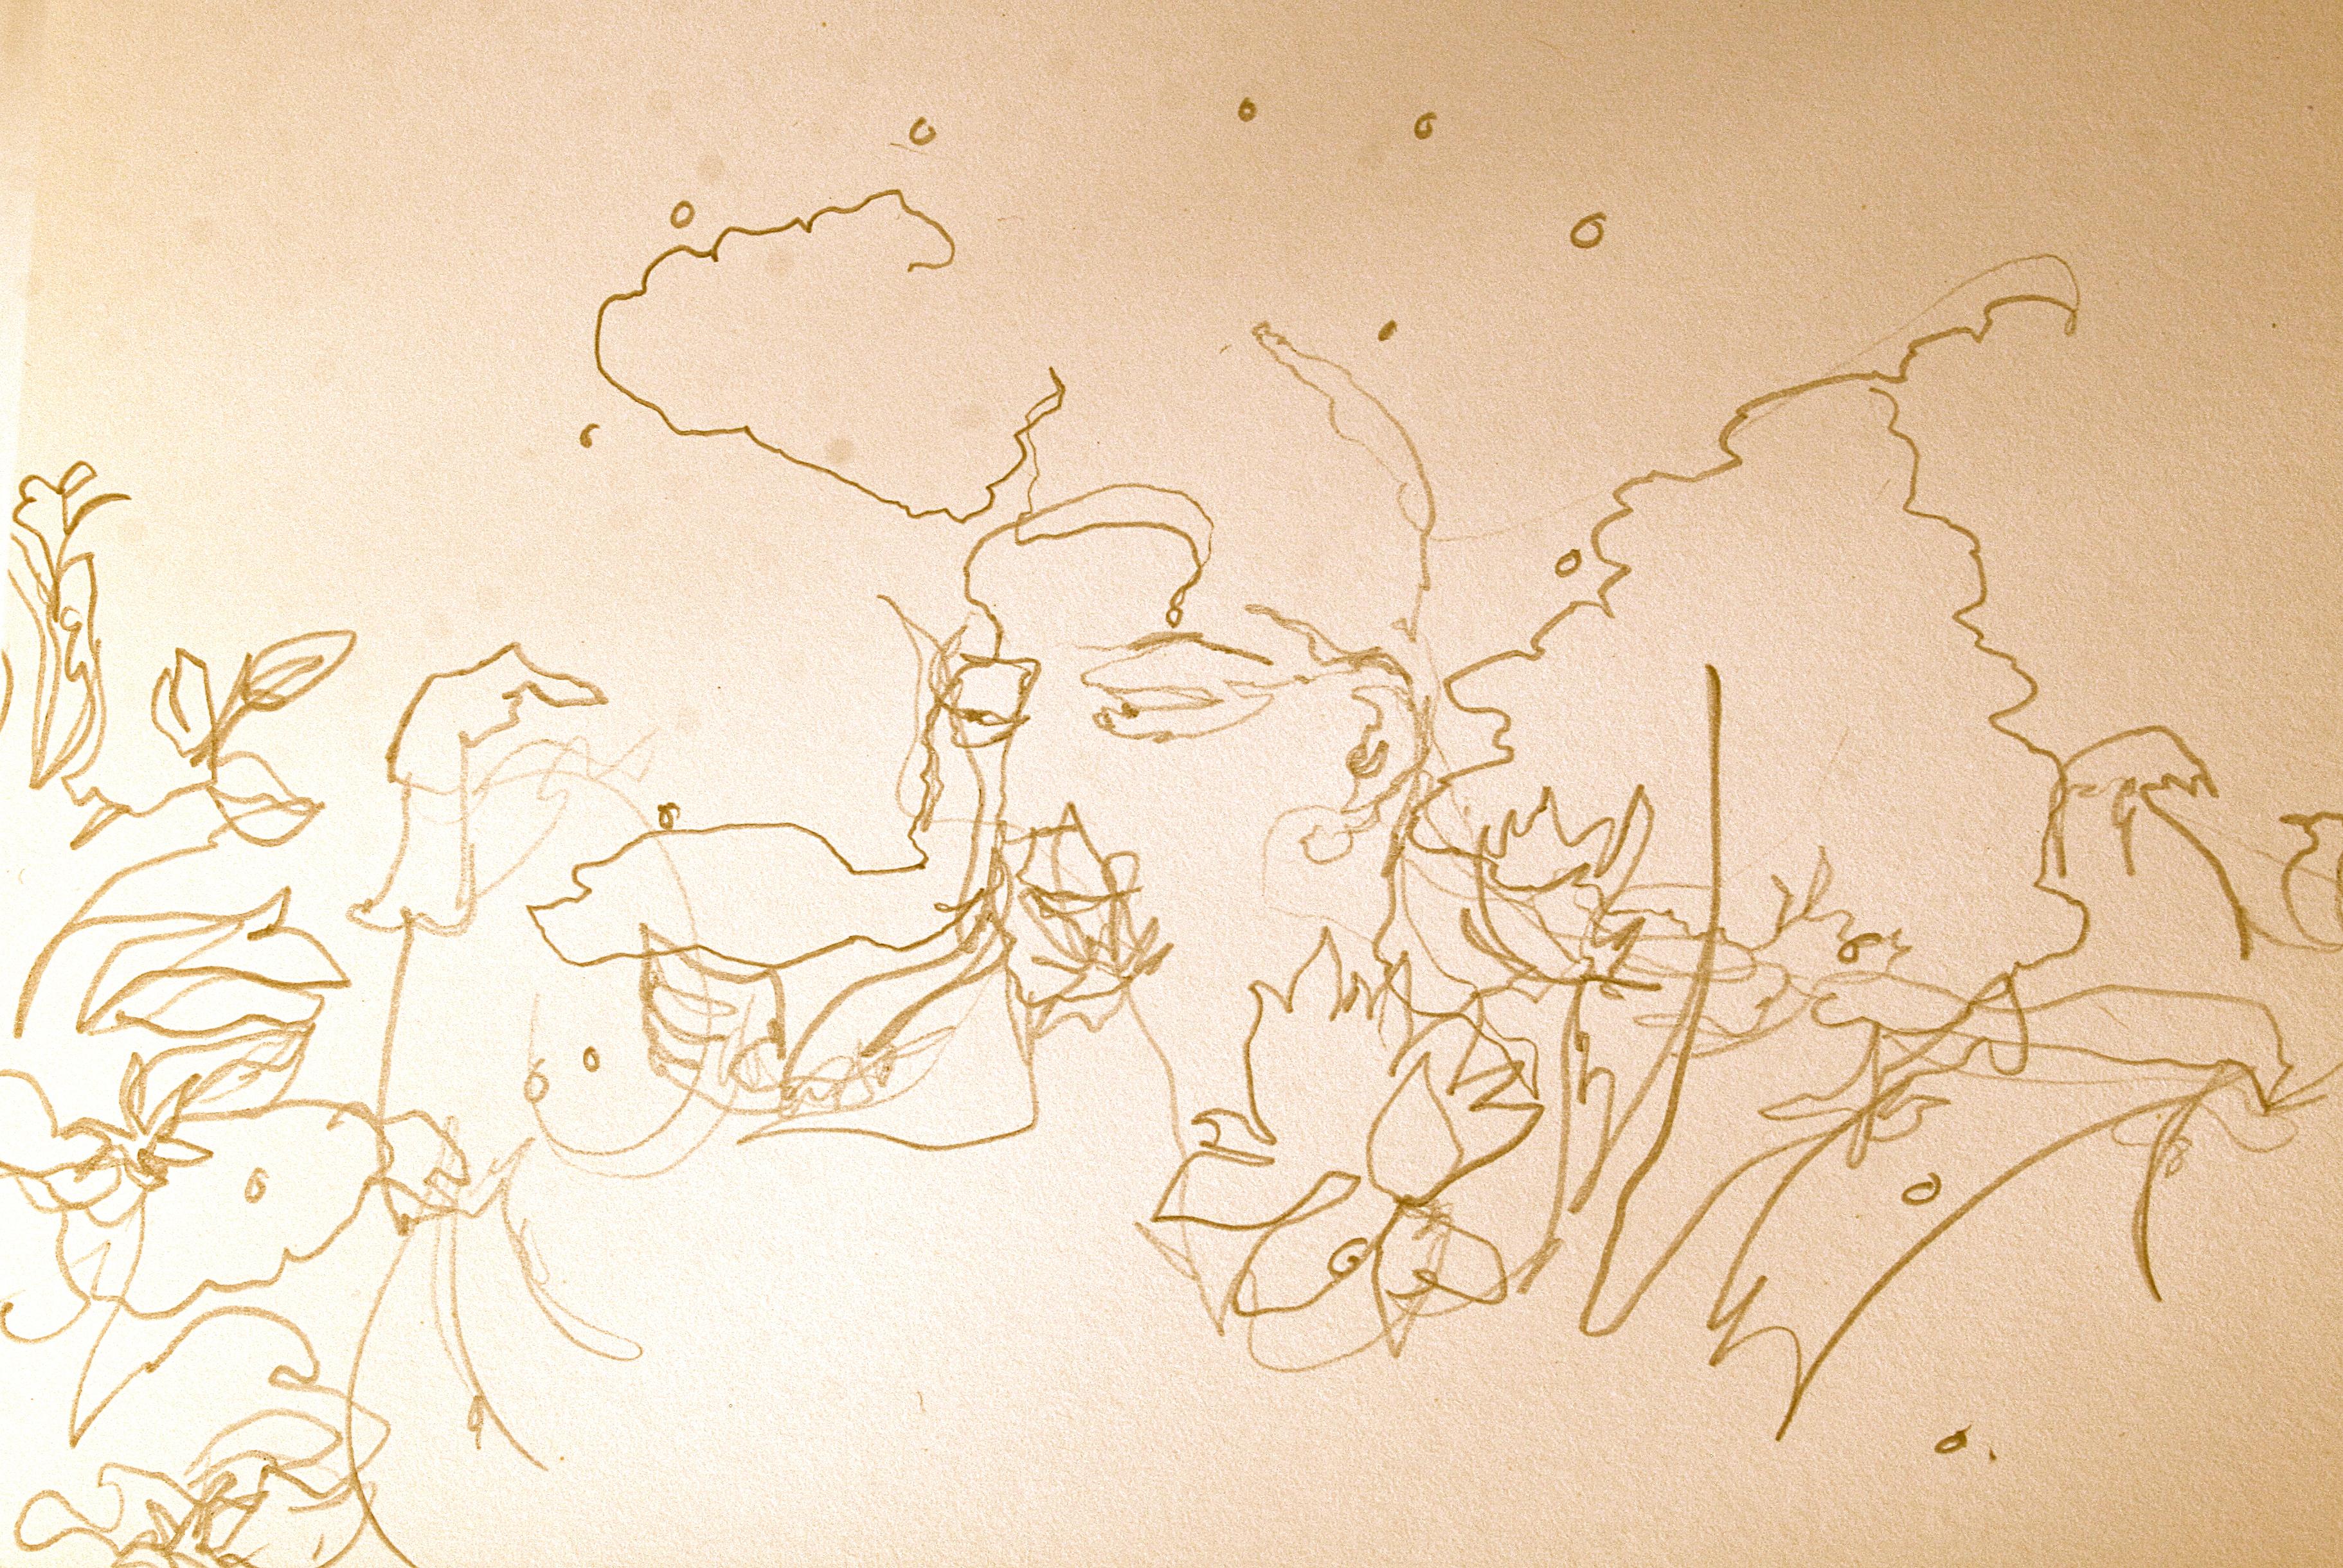 Yogini Drawing - Marie Cameron 2014